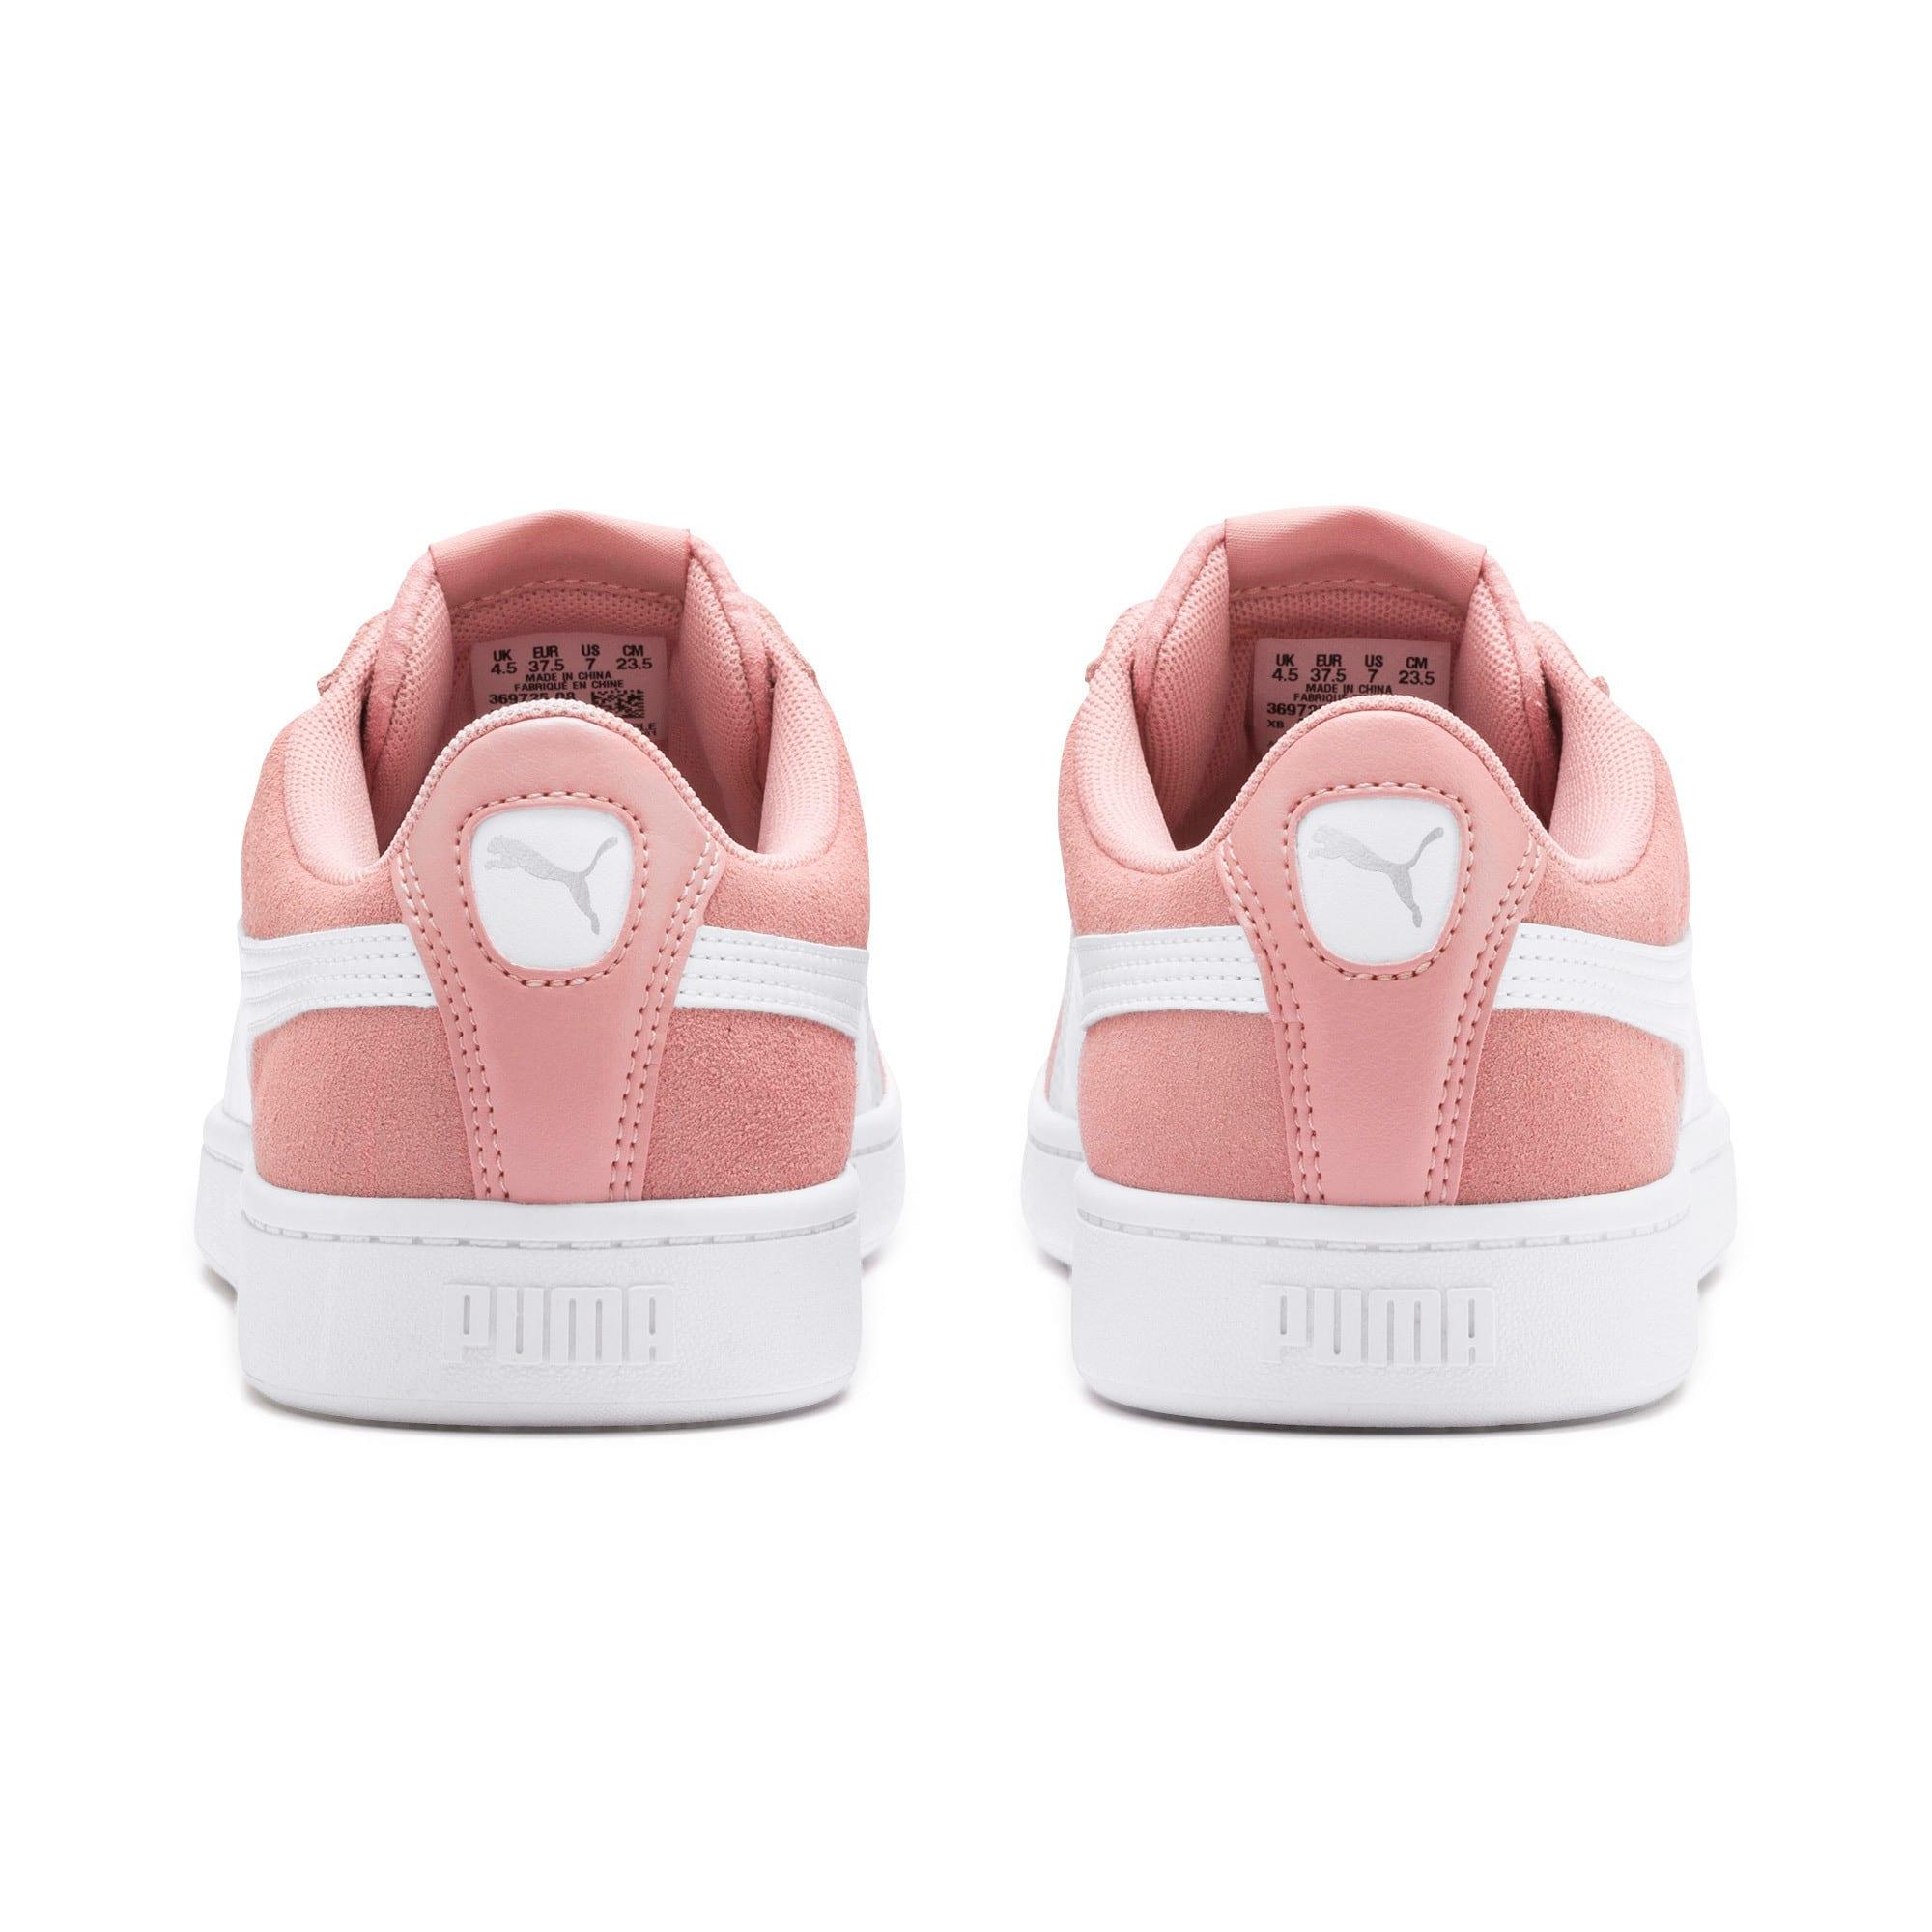 Thumbnail 4 of PUMA Vikky v2 Women's Sneakers, Bridal Rose-White-Silver, medium